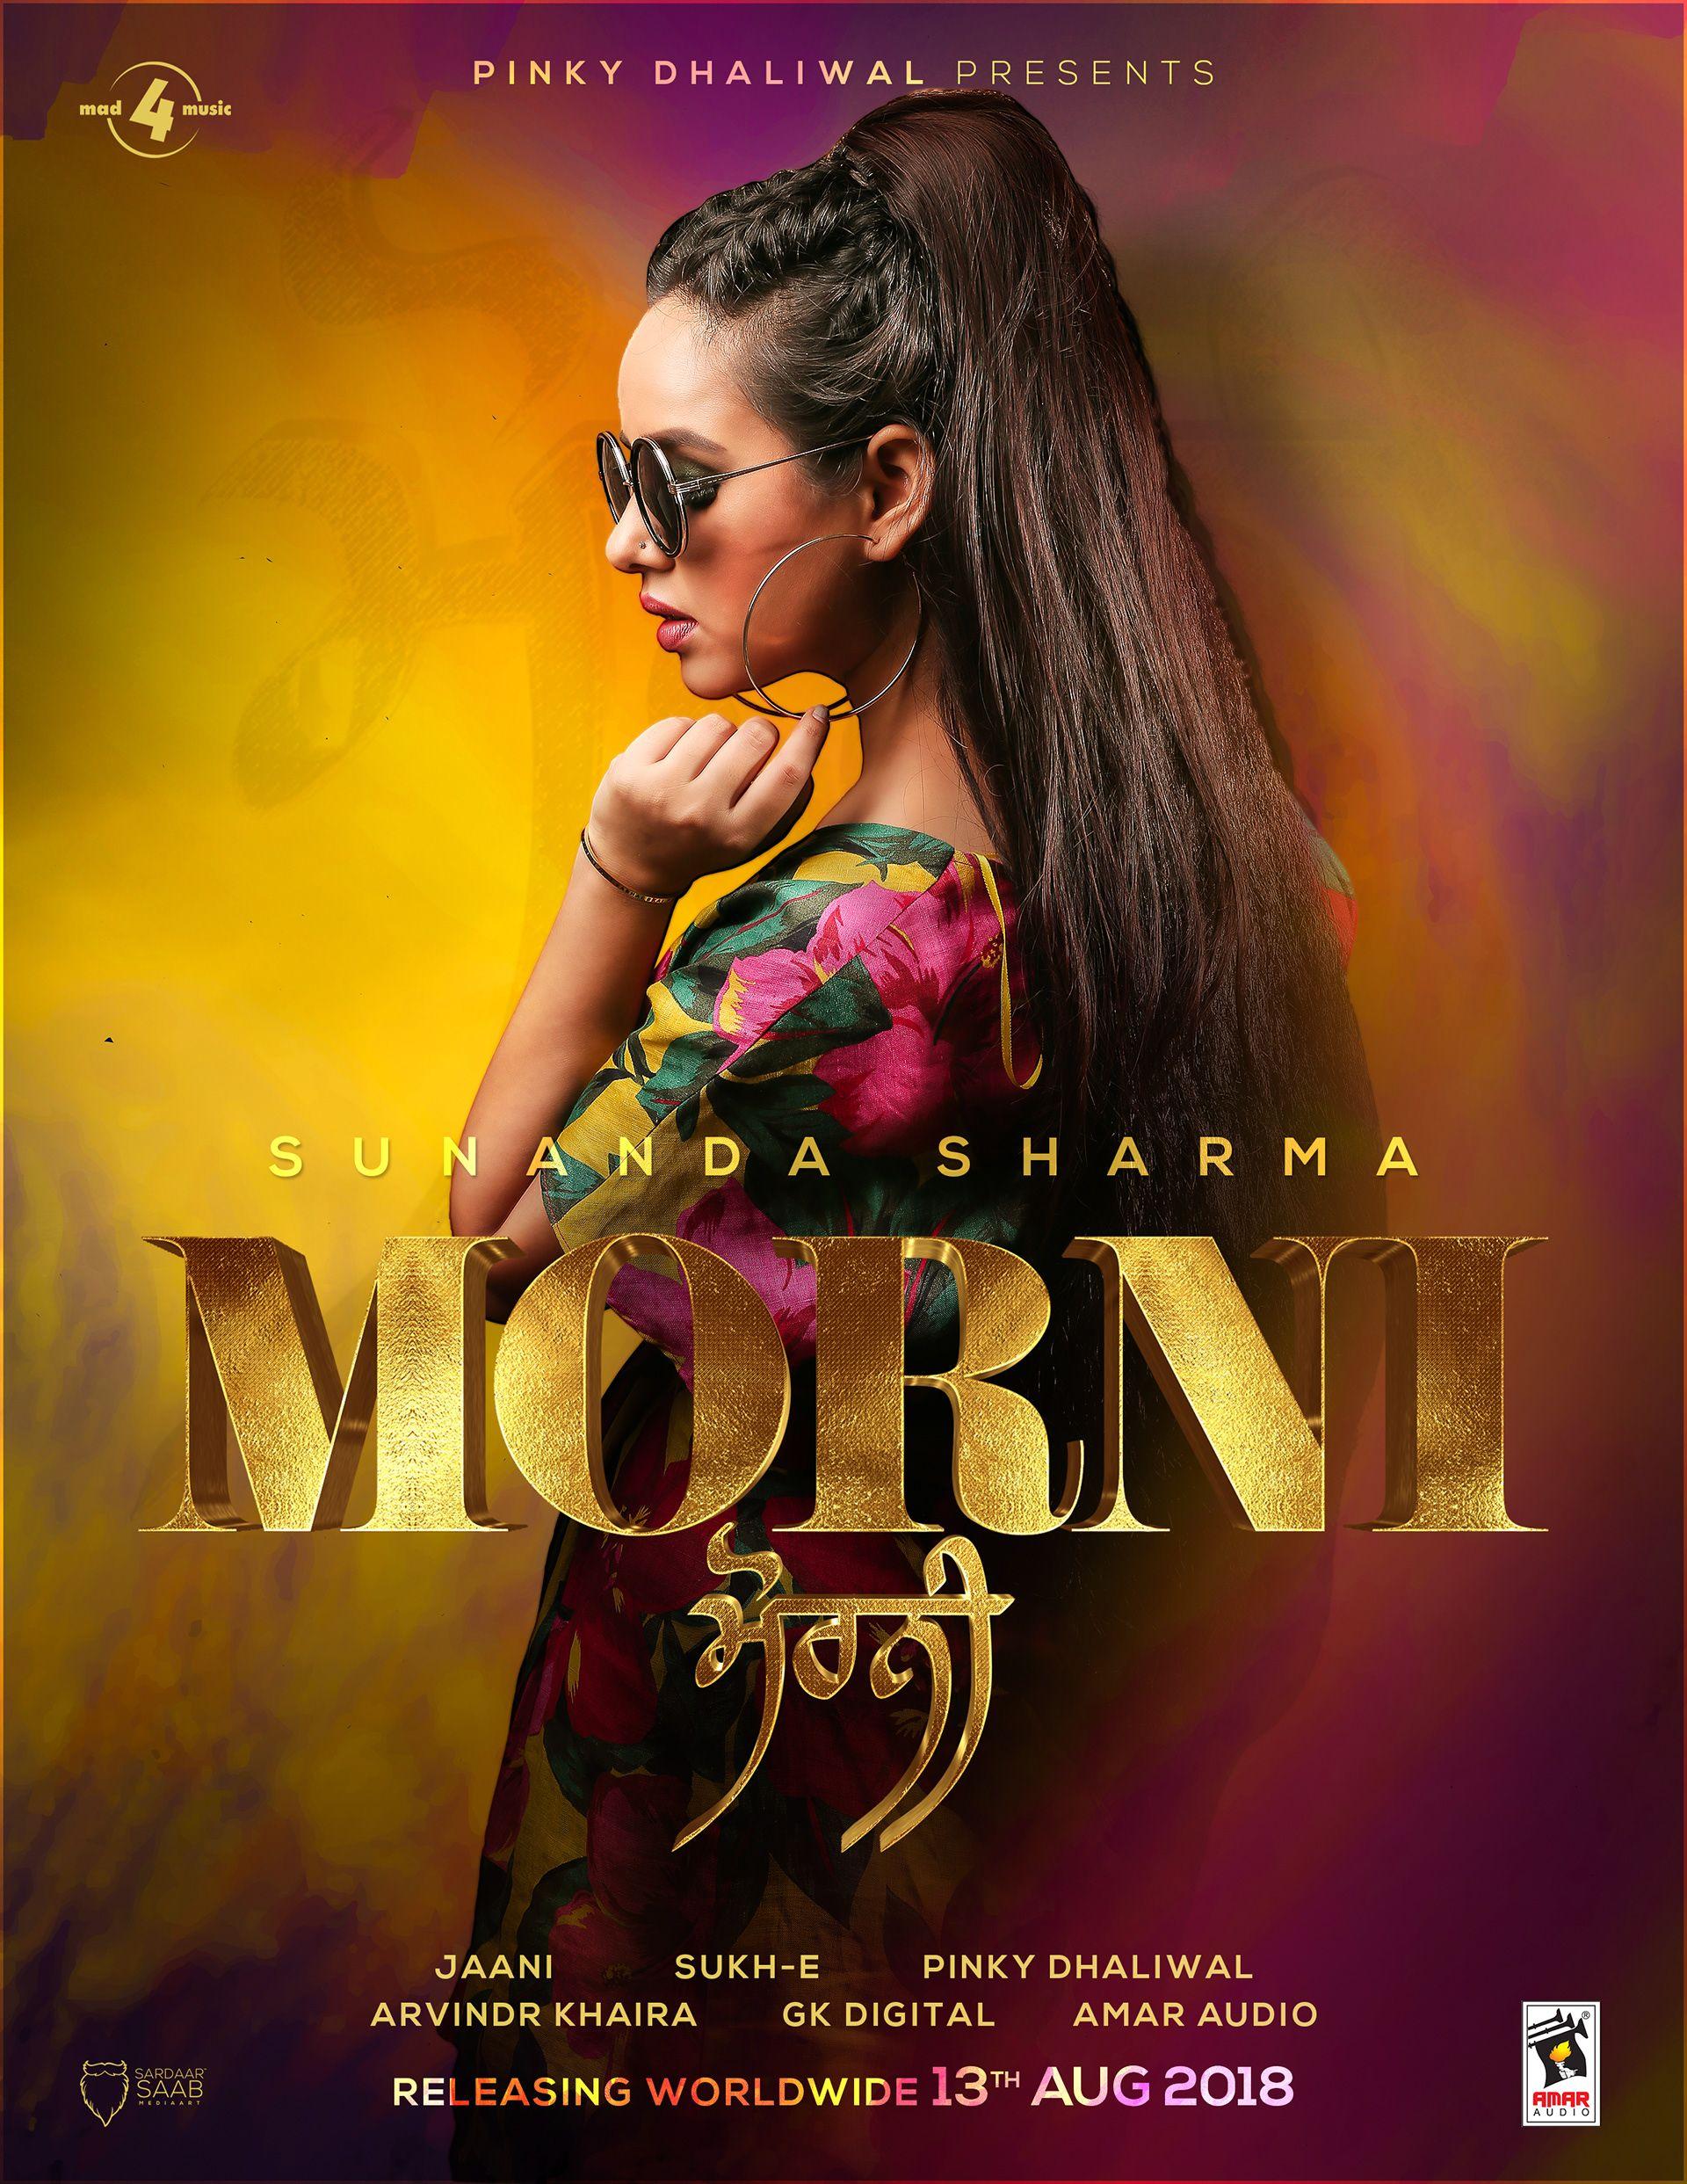 Pin By Sardaar Saab Media Art On New Song Download New Song Download Mp3 Song Download Songs